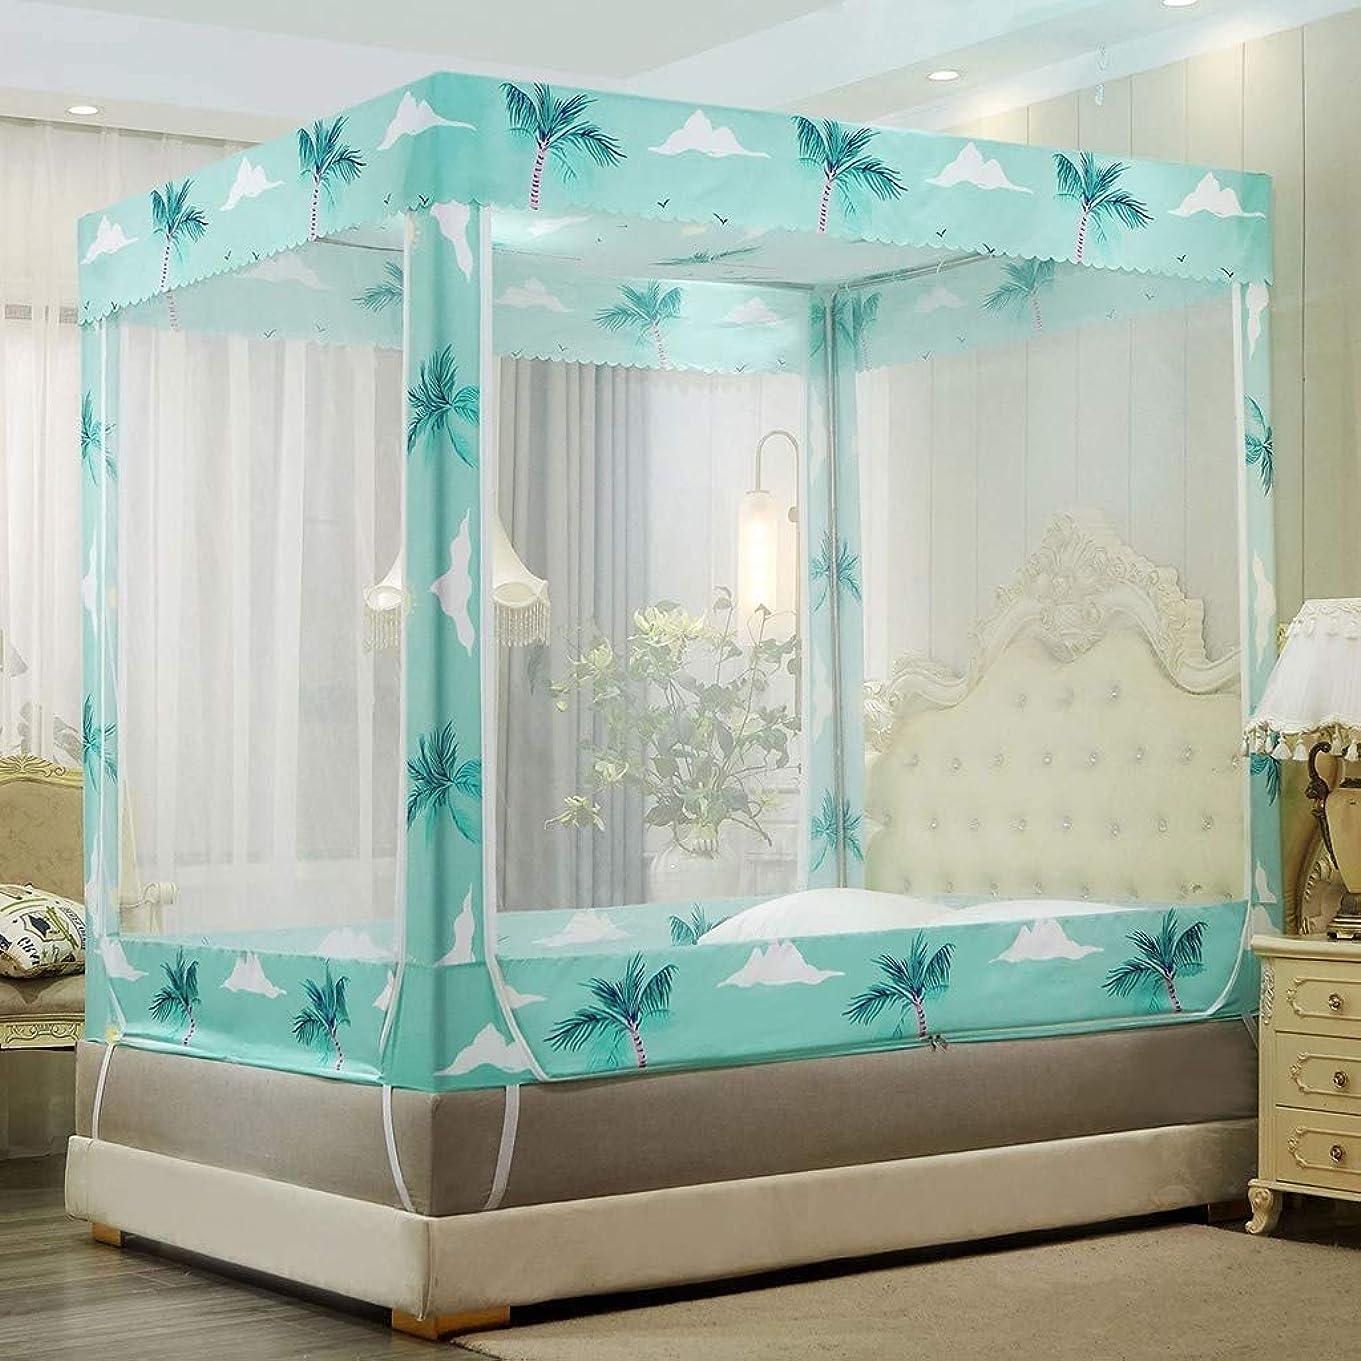 希少性ミネラル冬蚊帳 シングル テントのテントの大人のベッドのおおいの網、速い容易な取付け、掛かるベッドのおおいの網、普遍的なドームの蚊帳のベッド、旅行、キャンプに最適(子鹿、120 * 200cm),Coconut Tree